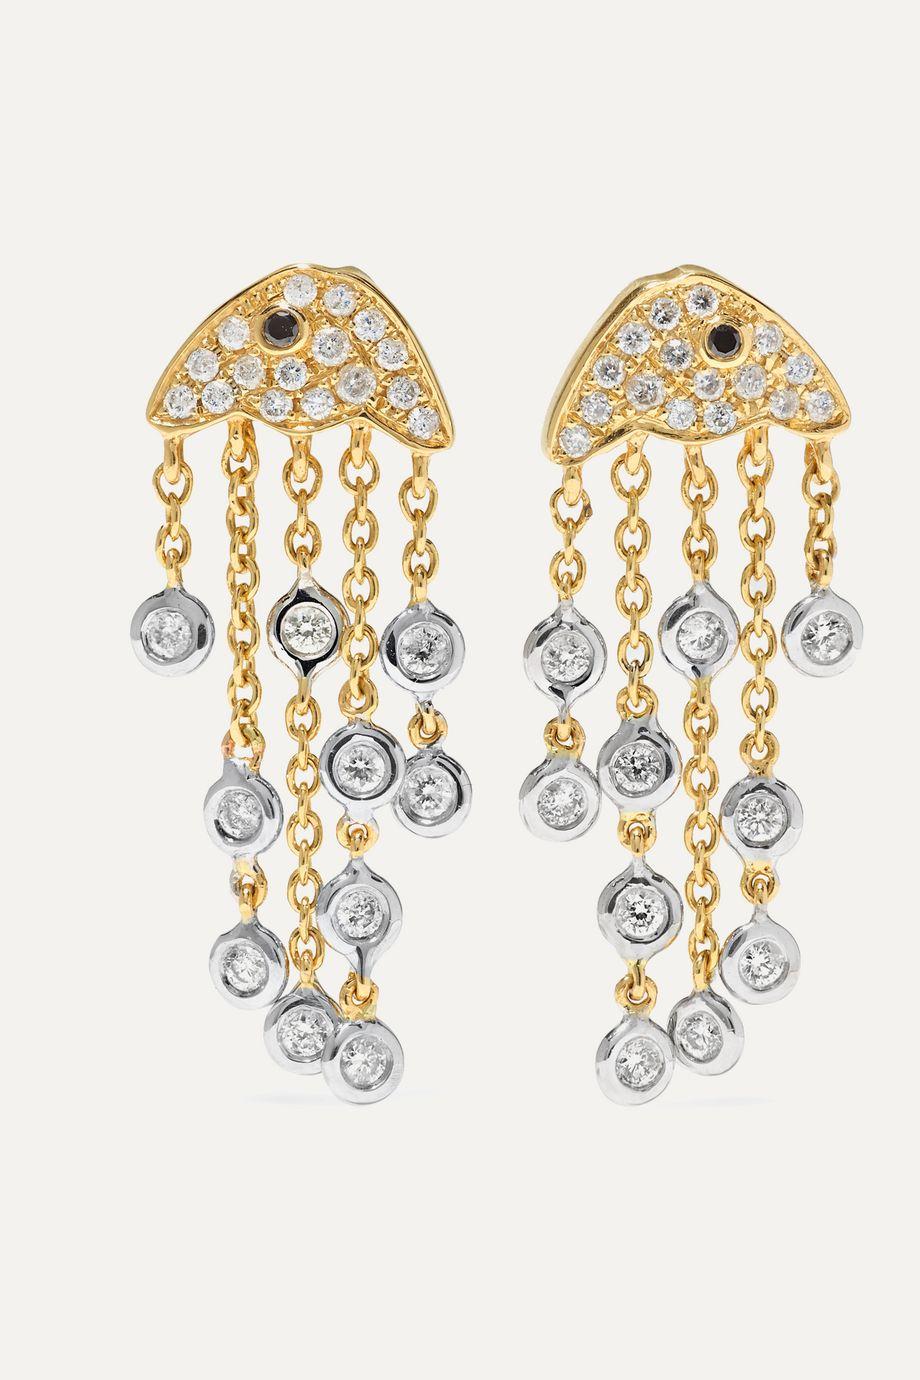 Yvonne Léon 18-karat yellow and white gold diamond earrings